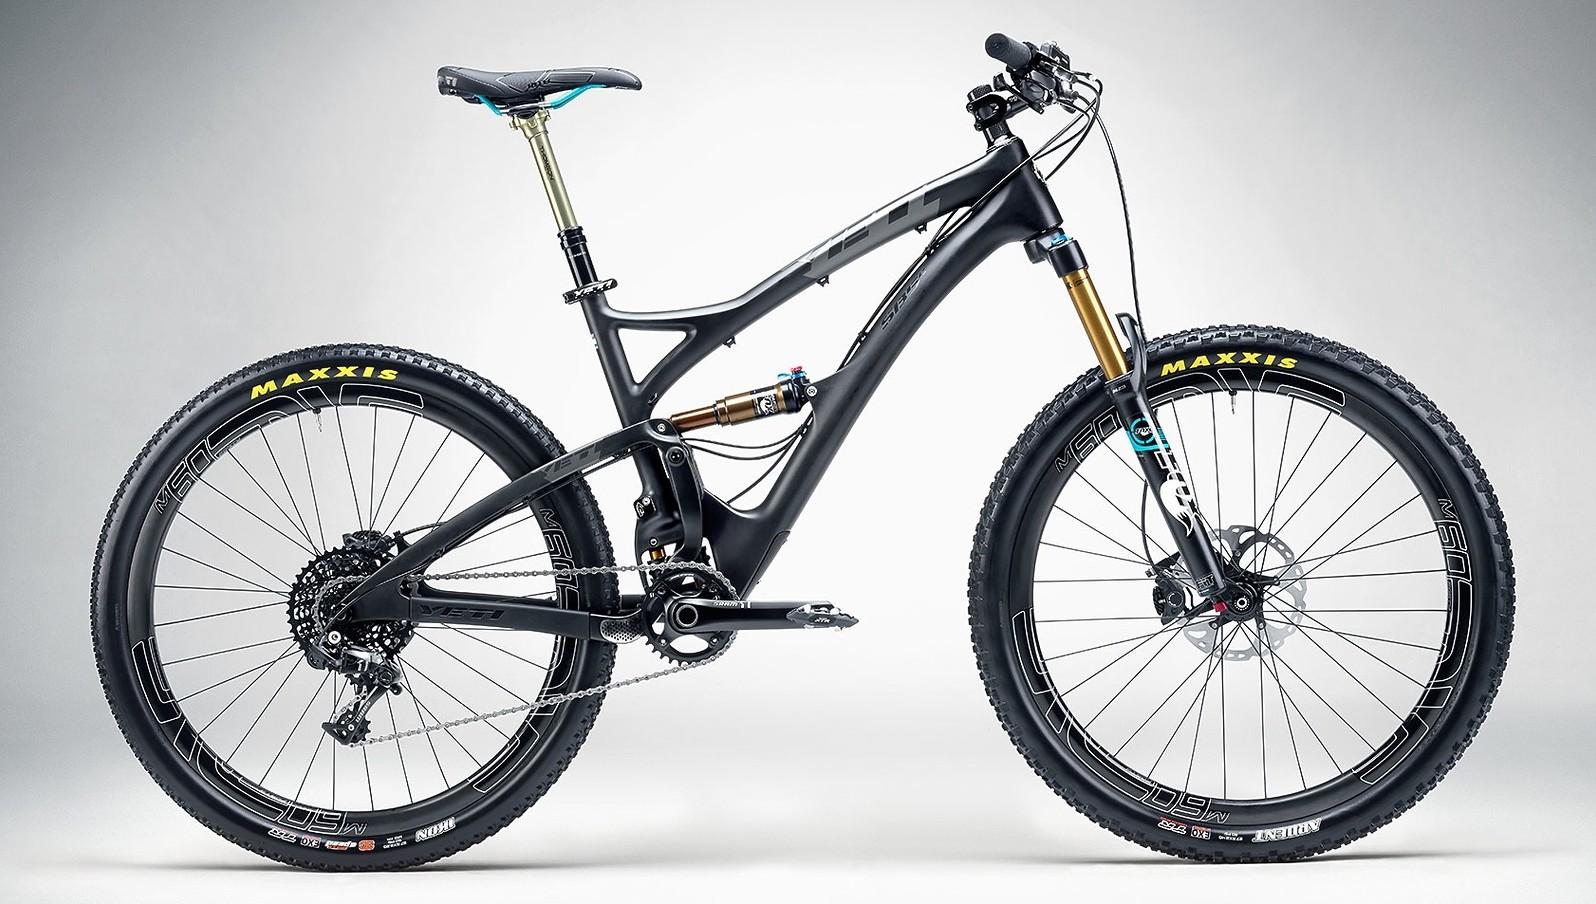 2015 Yeti SB5 Carbon - black